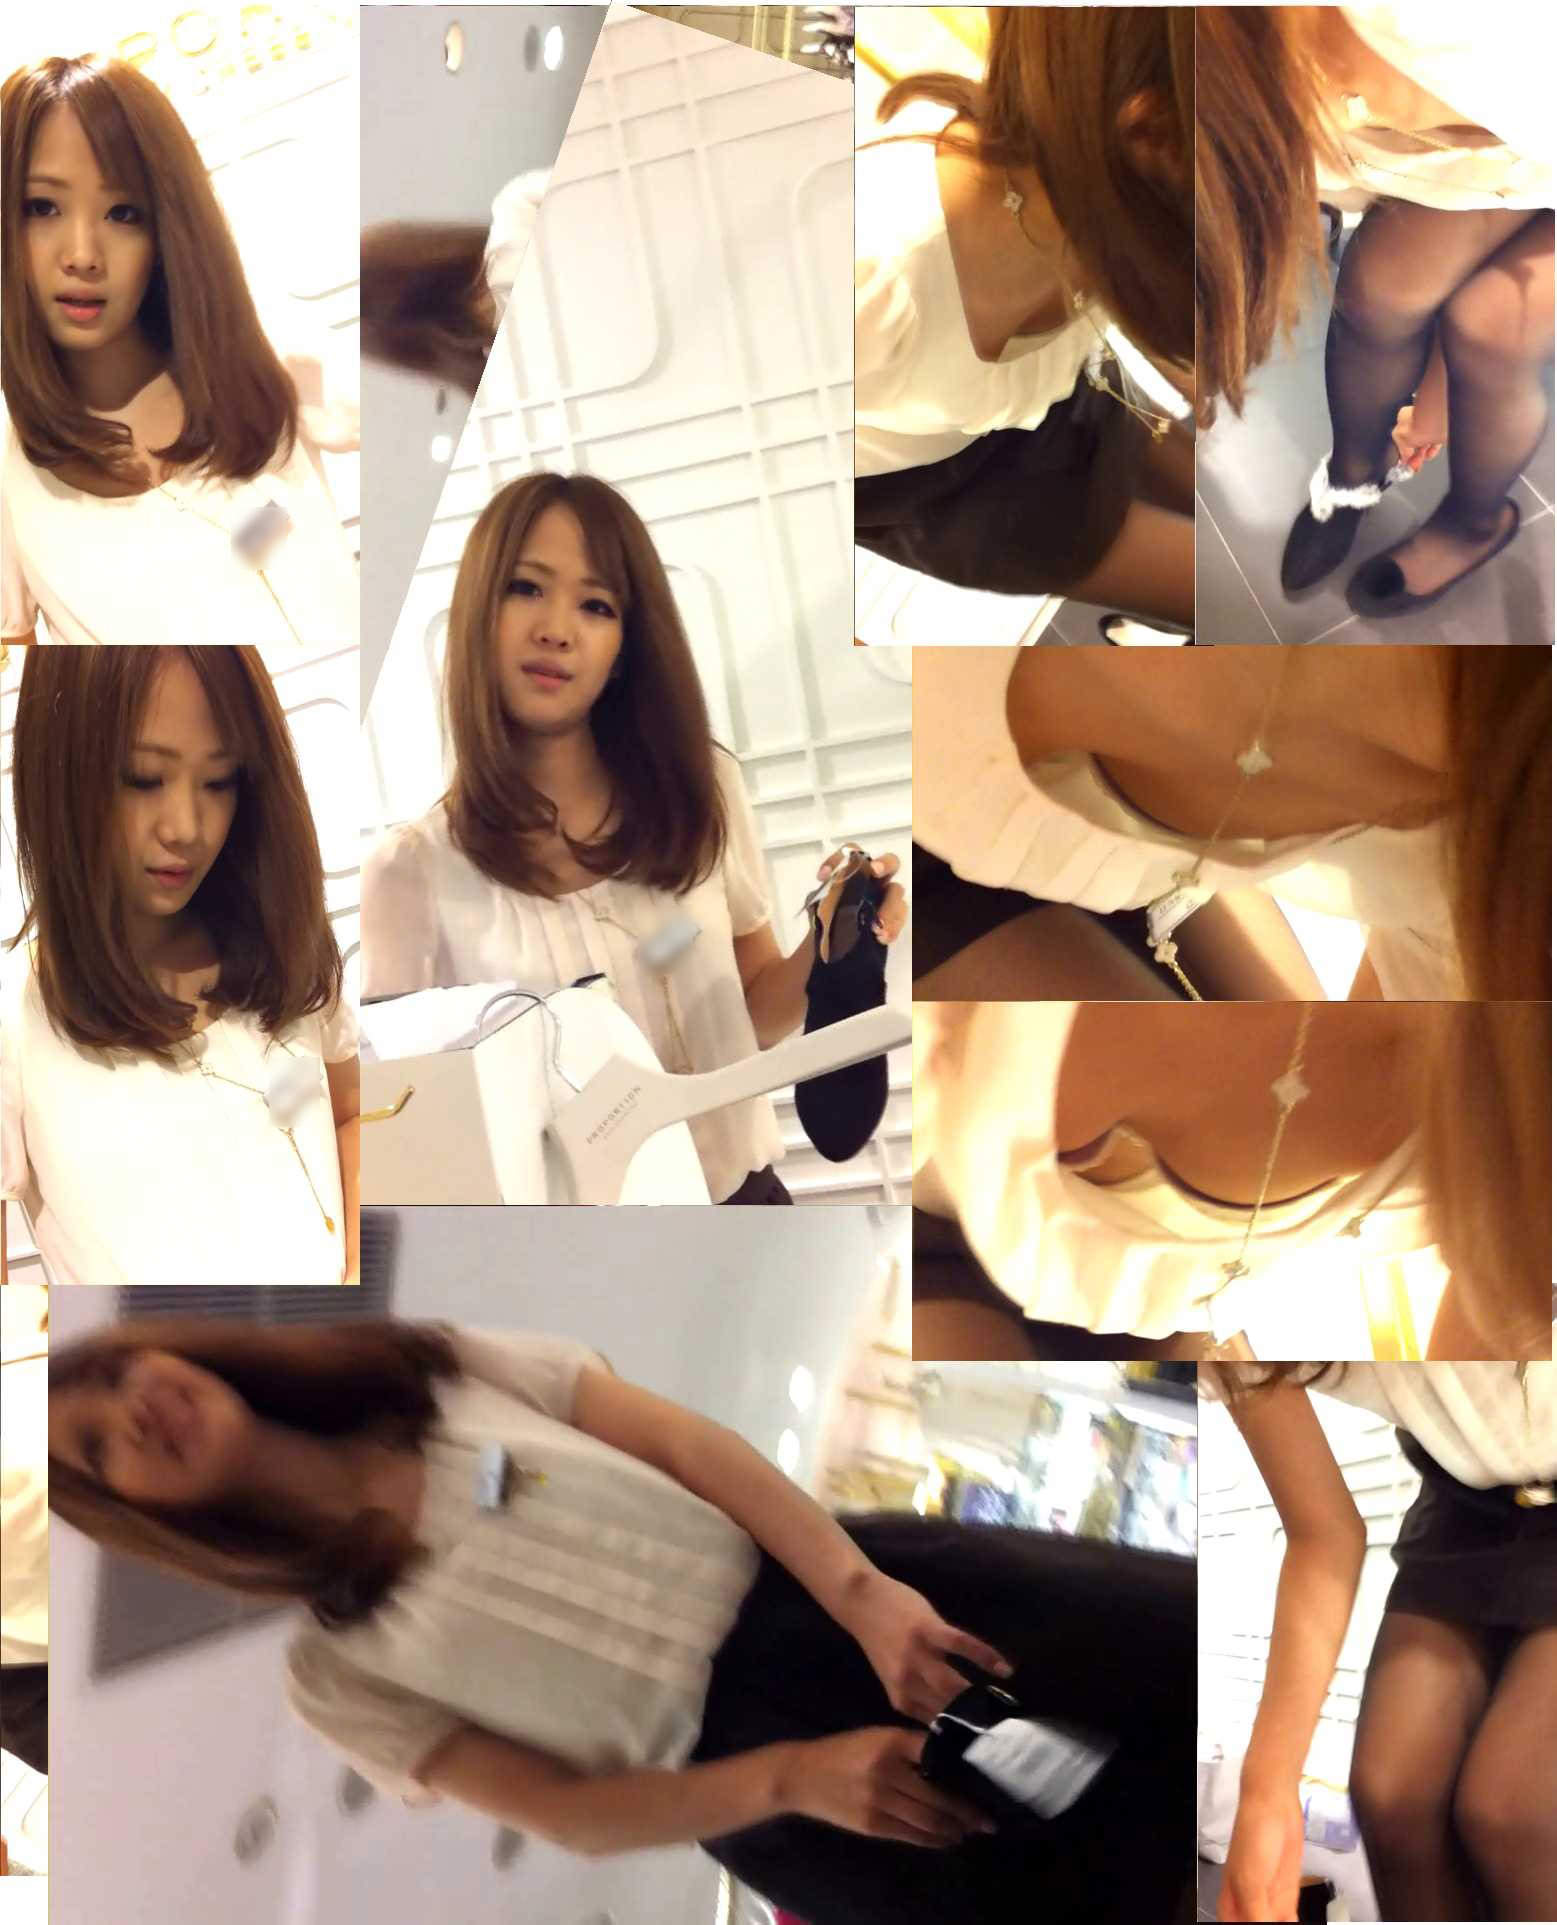 百貨店ショップ店員のキレイなお姉さんwww胸チラ隠し撮りのパラダイスだぁーwww 0601